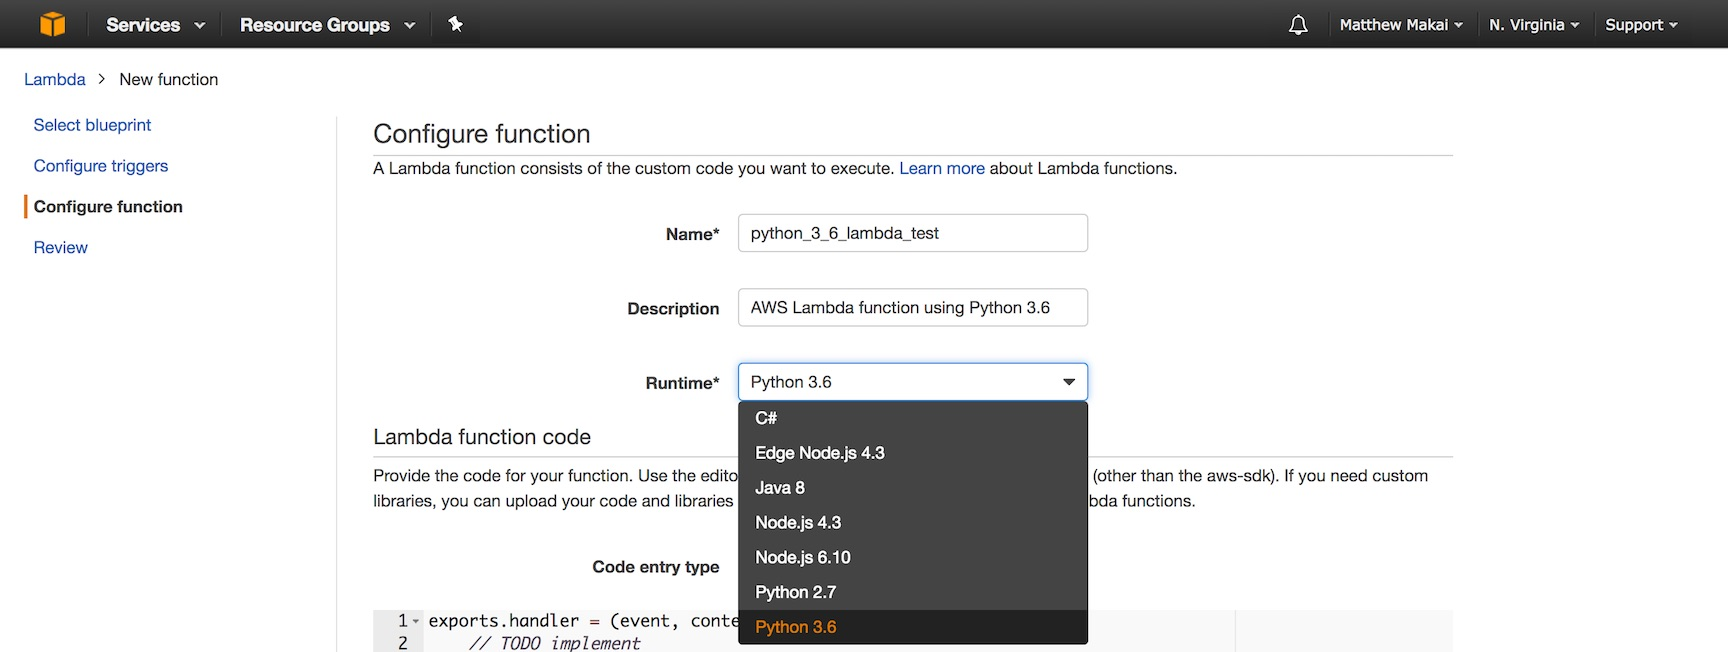 Введите имя, описание и используйте Python 3.6 для Lambda.